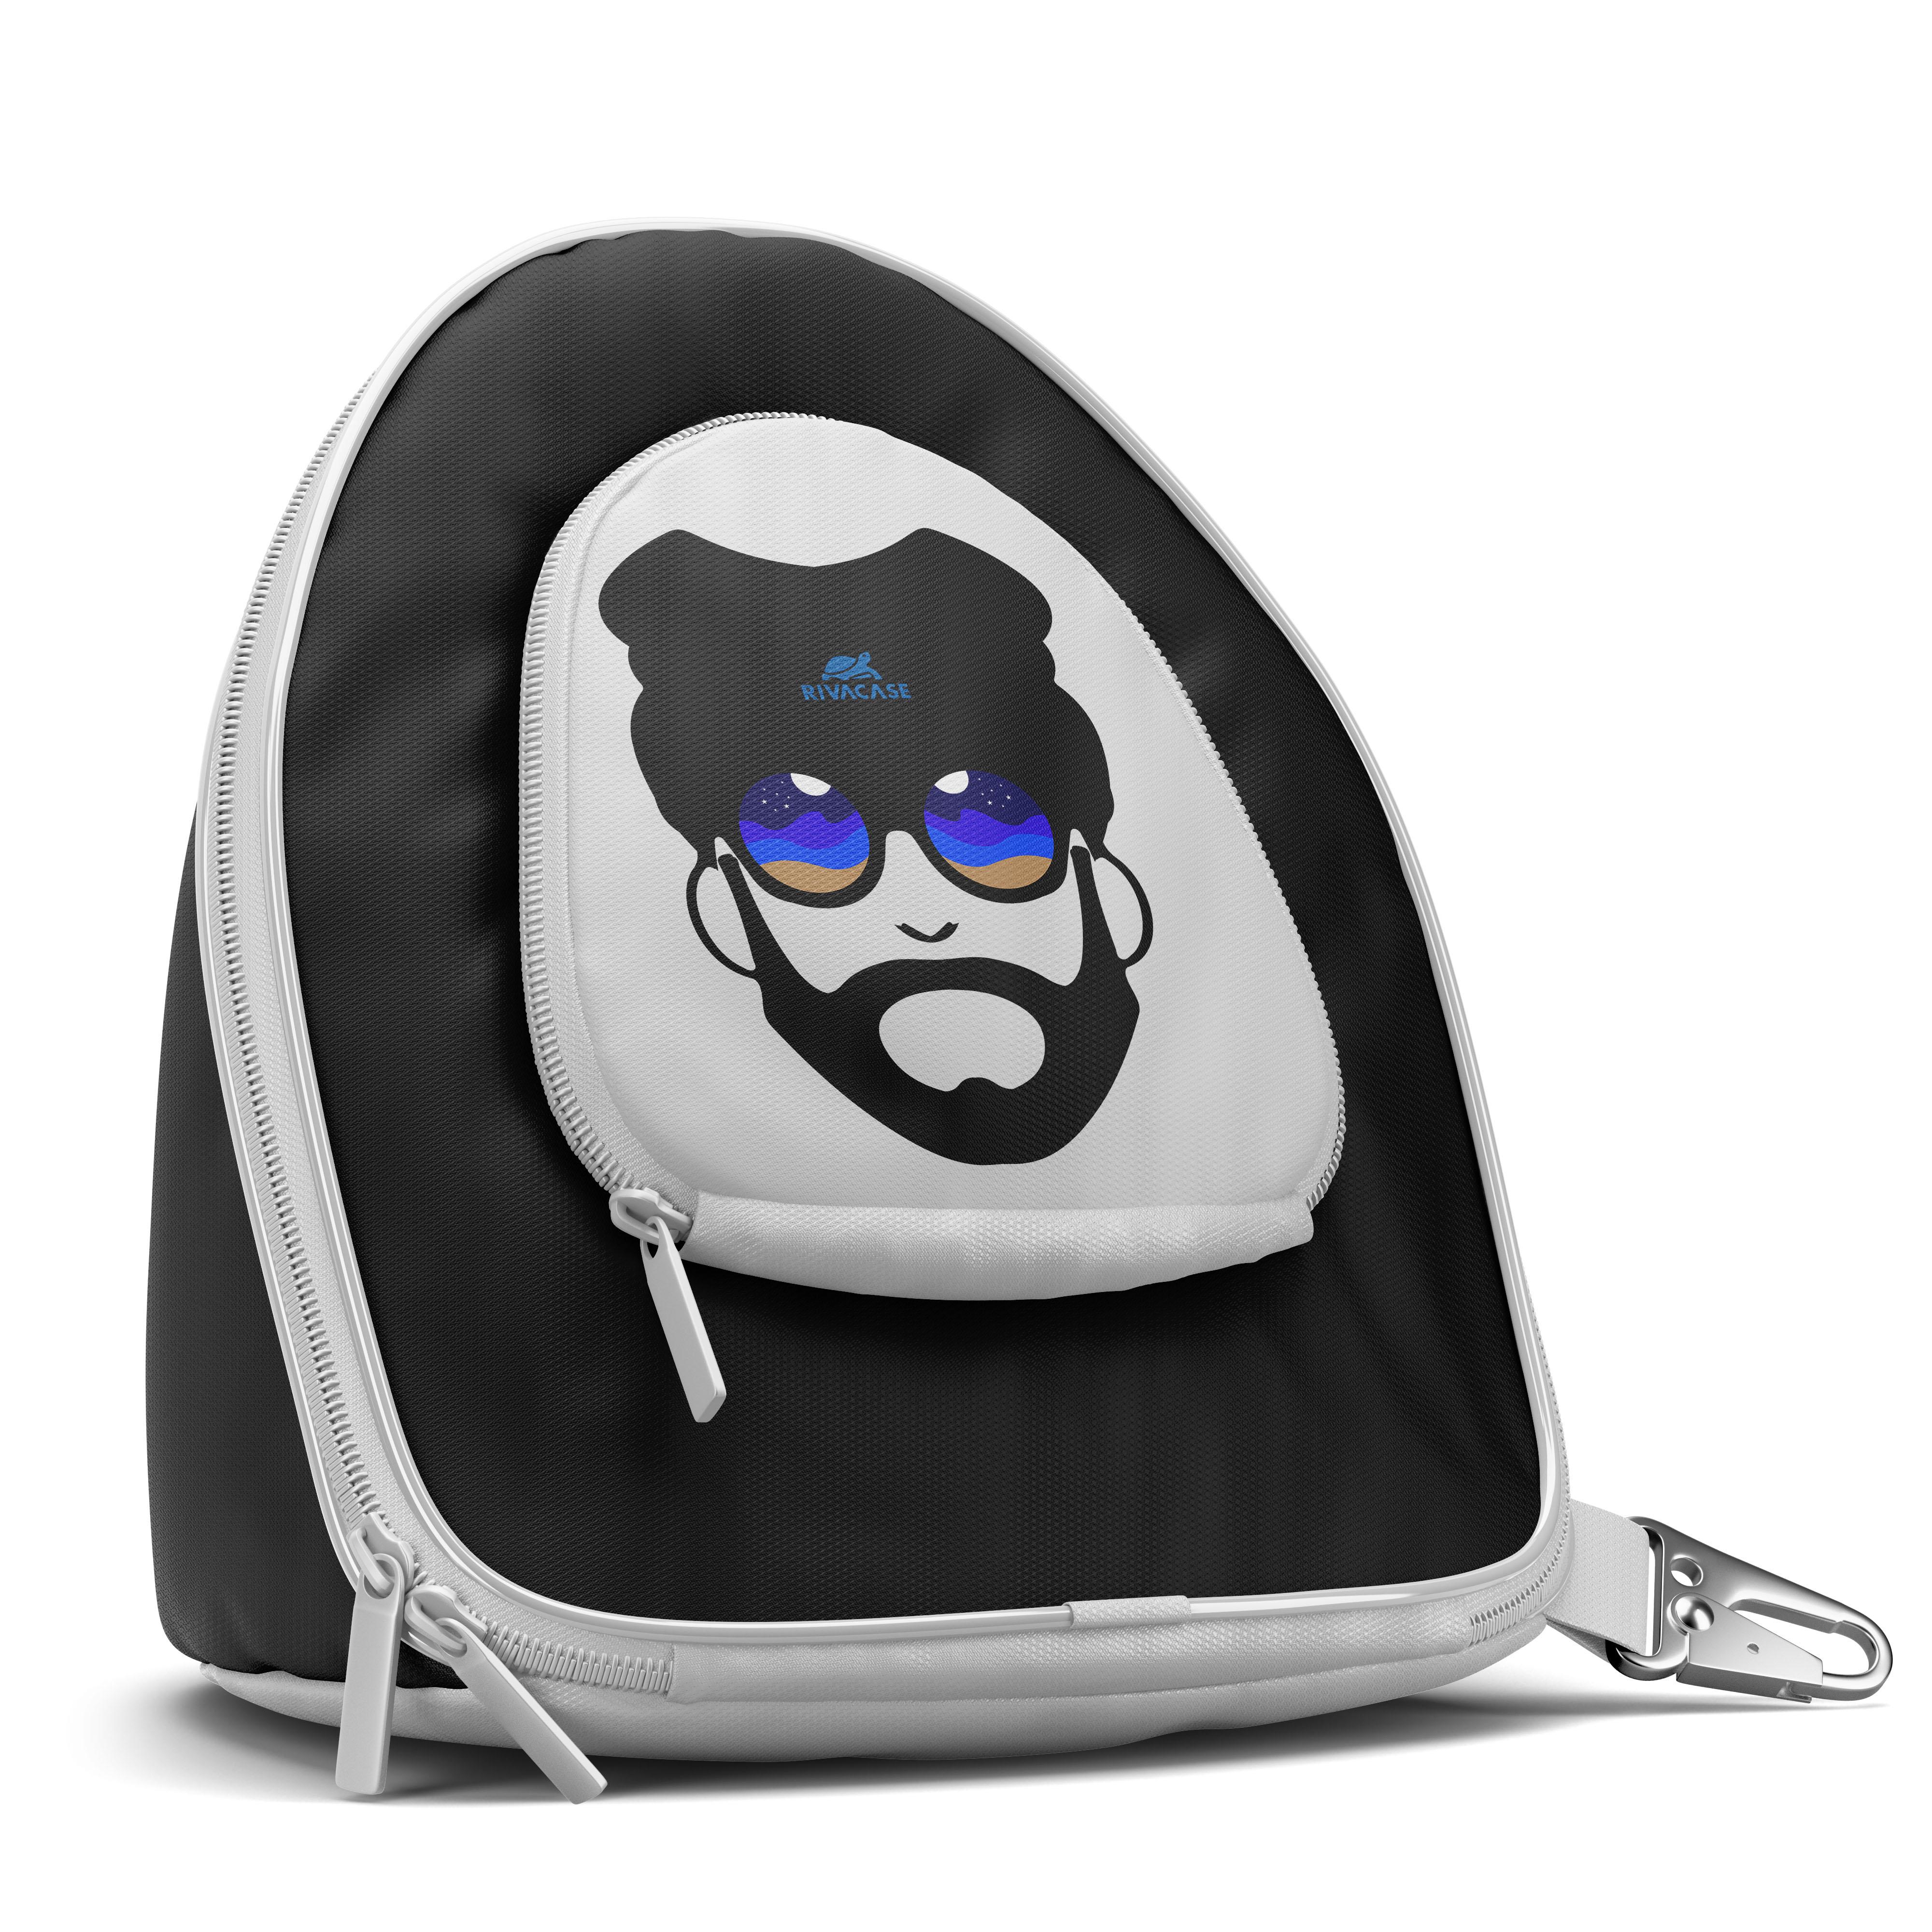 Конкурс на создание оригинального принта для рюкзаков фото f_0715f84c8c1de463.jpg